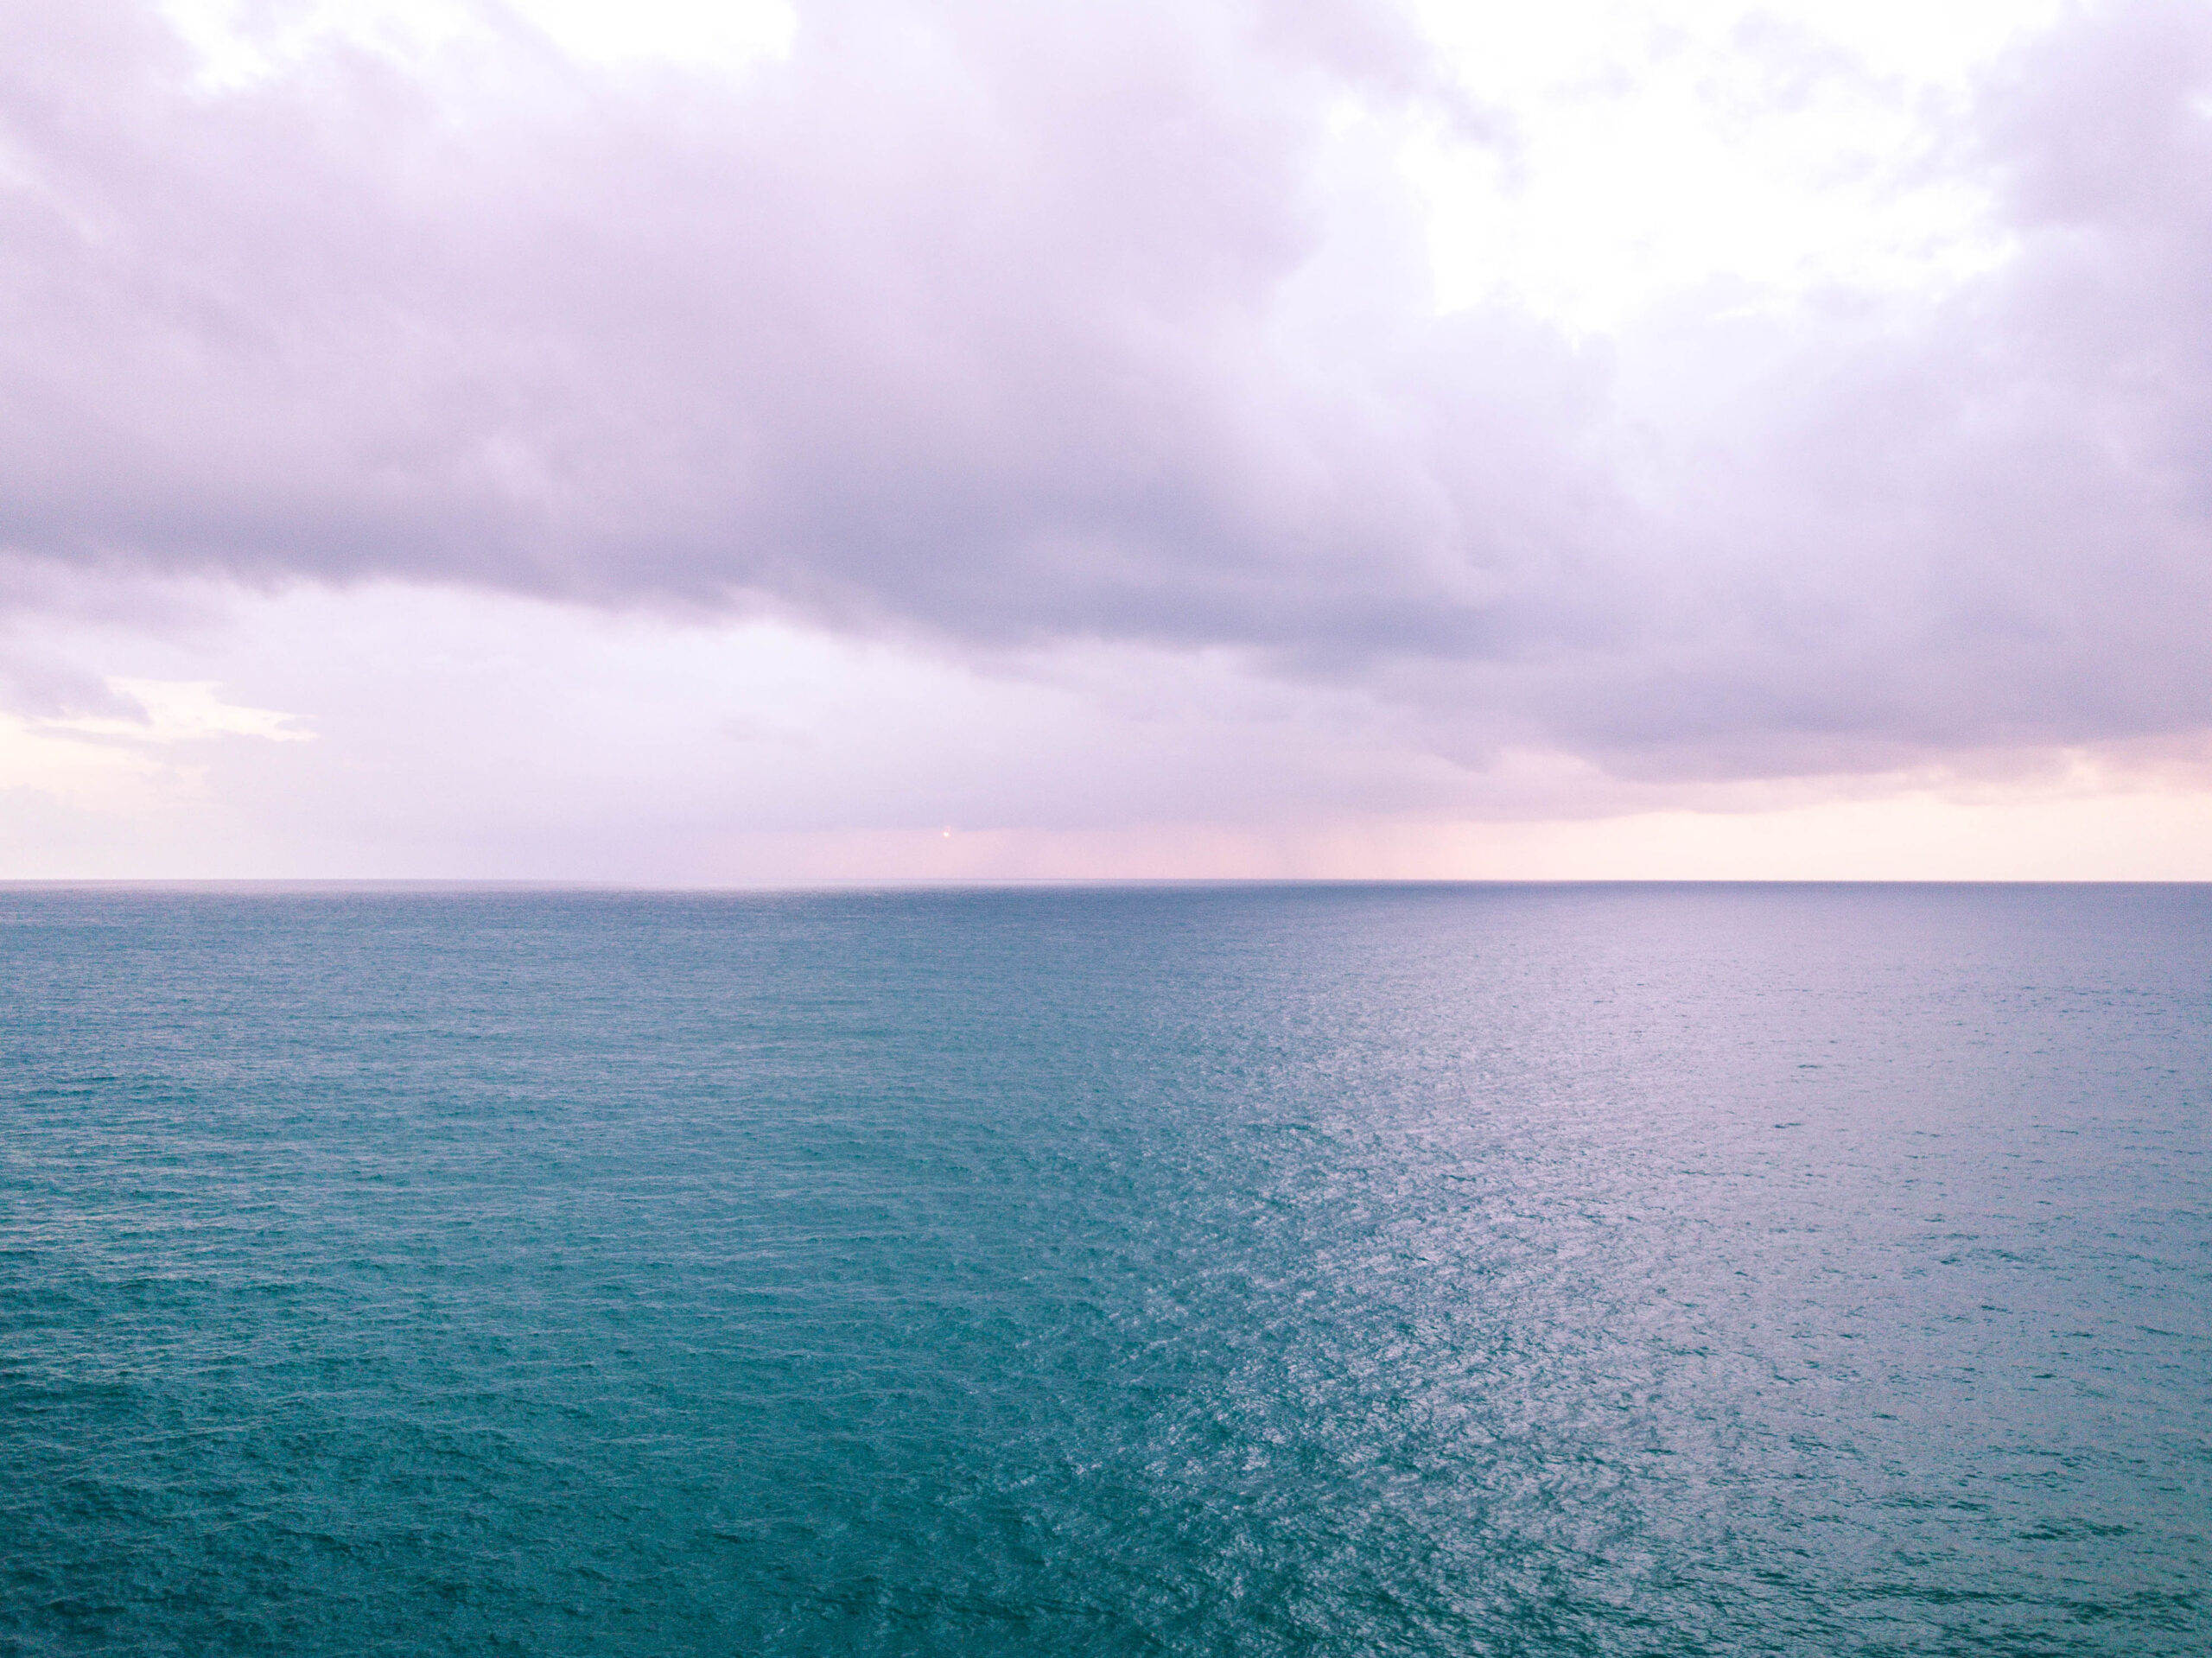 Hawaii horizon line at sunset